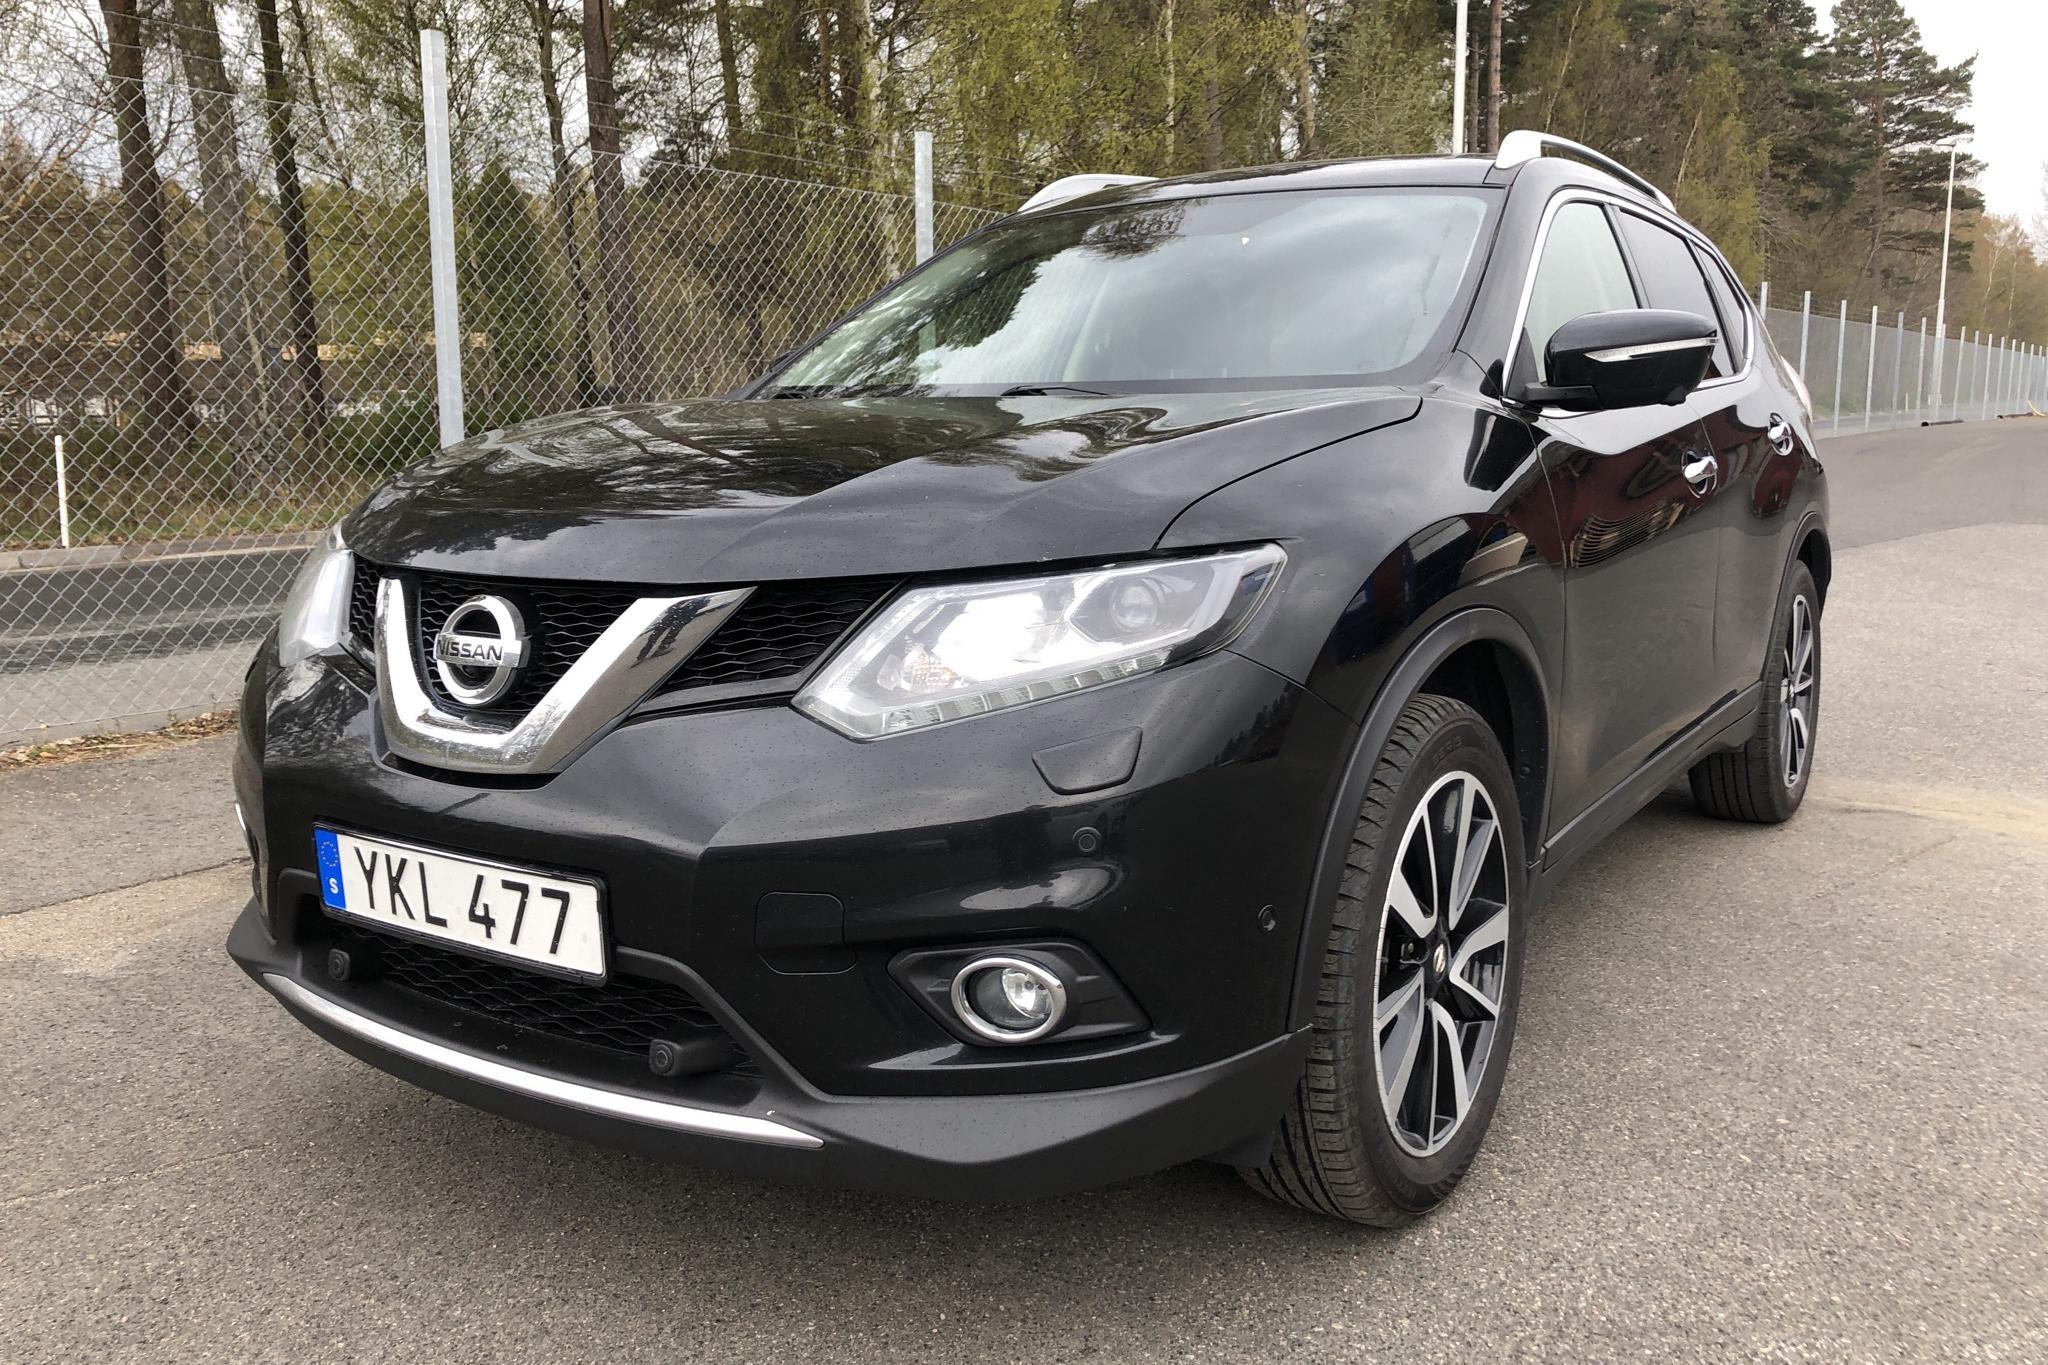 Nissan X-trail 1.6 DIG-T 2WD (163hk) - 20 380 mil - Manuell - svart - 2017